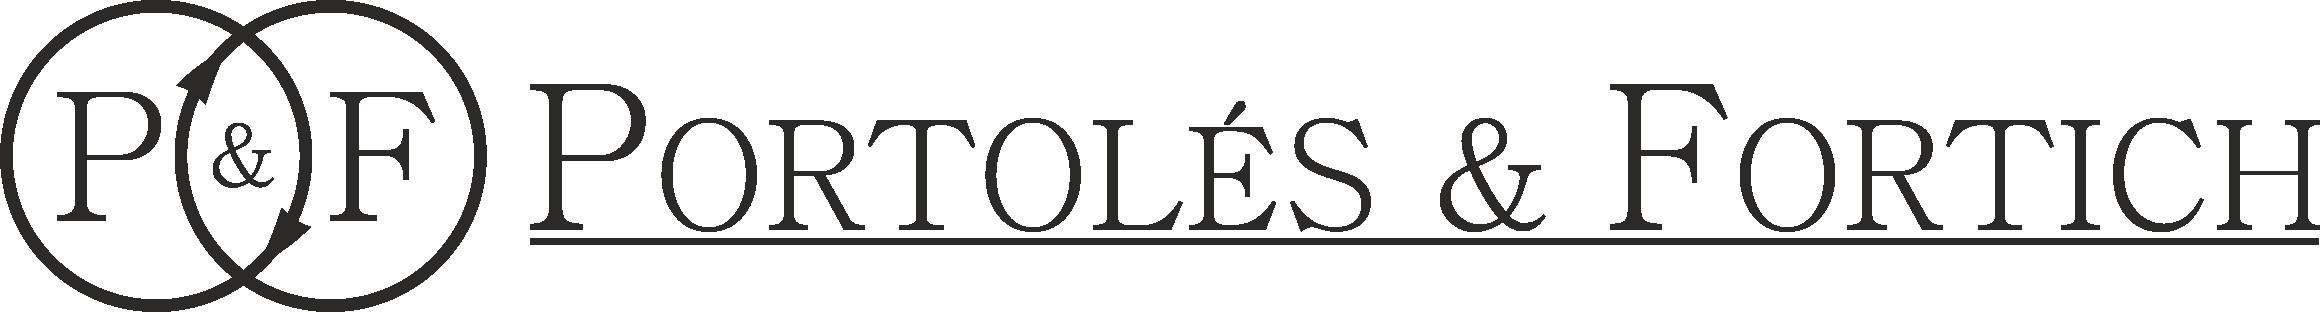 Logo P&F (muy grande en negro)